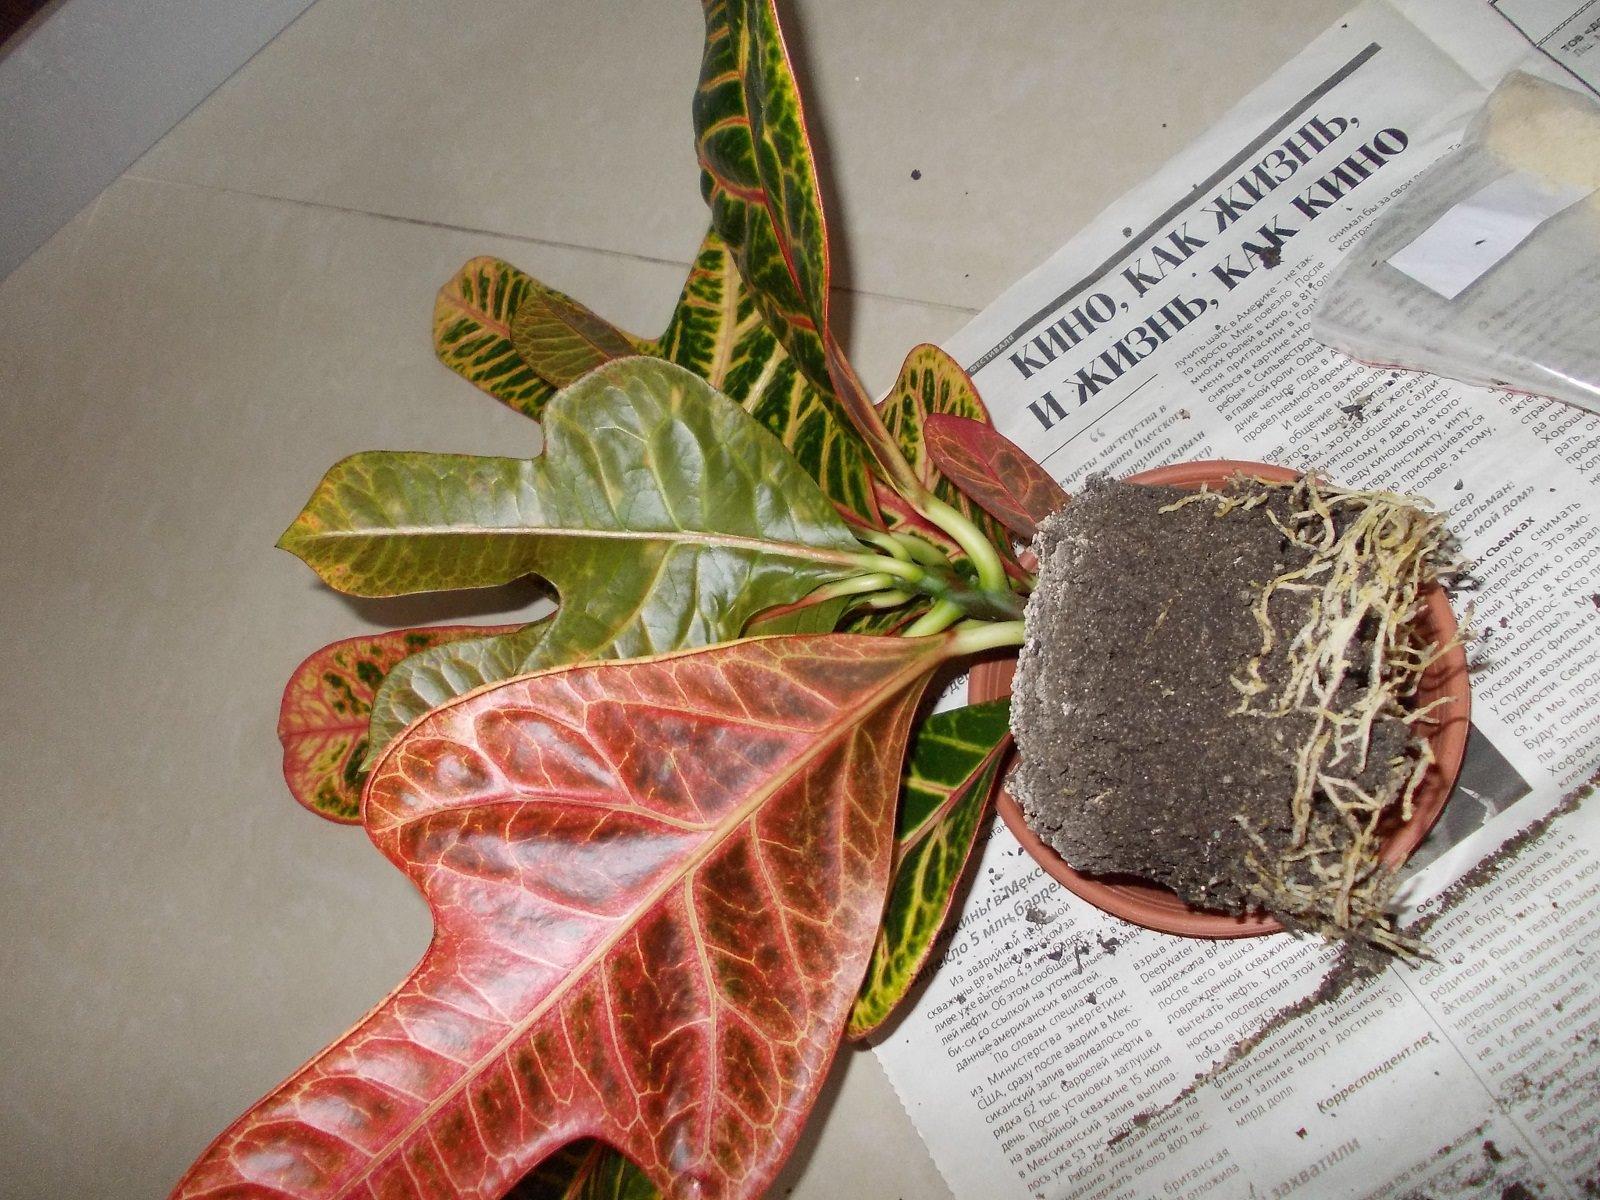 пересаживать комнатный цветок после покупки обусловлена часто реализацией растений в транспортировочном грунте